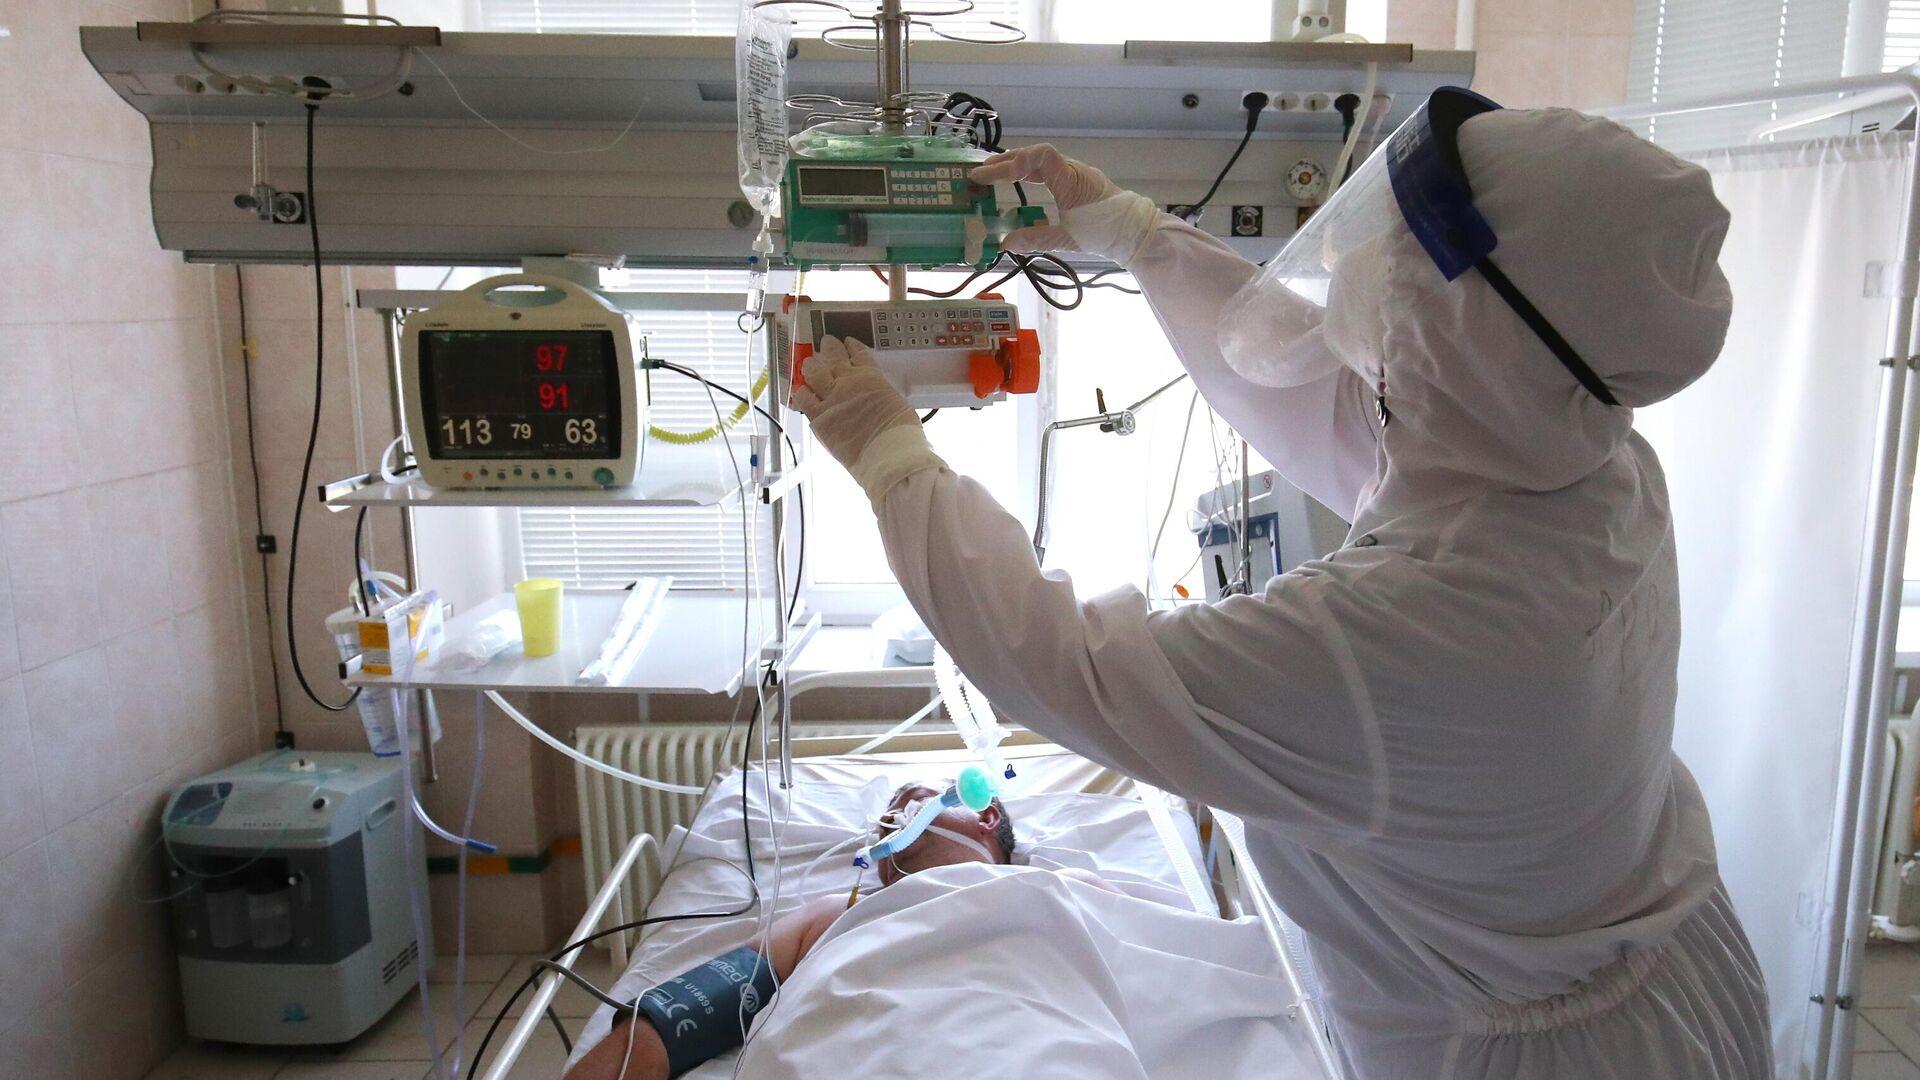 Лечение больных с Covid-19 в больнице скорой помощи в Волгограде - Sputnik Беларусь, 1920, 11.10.2021